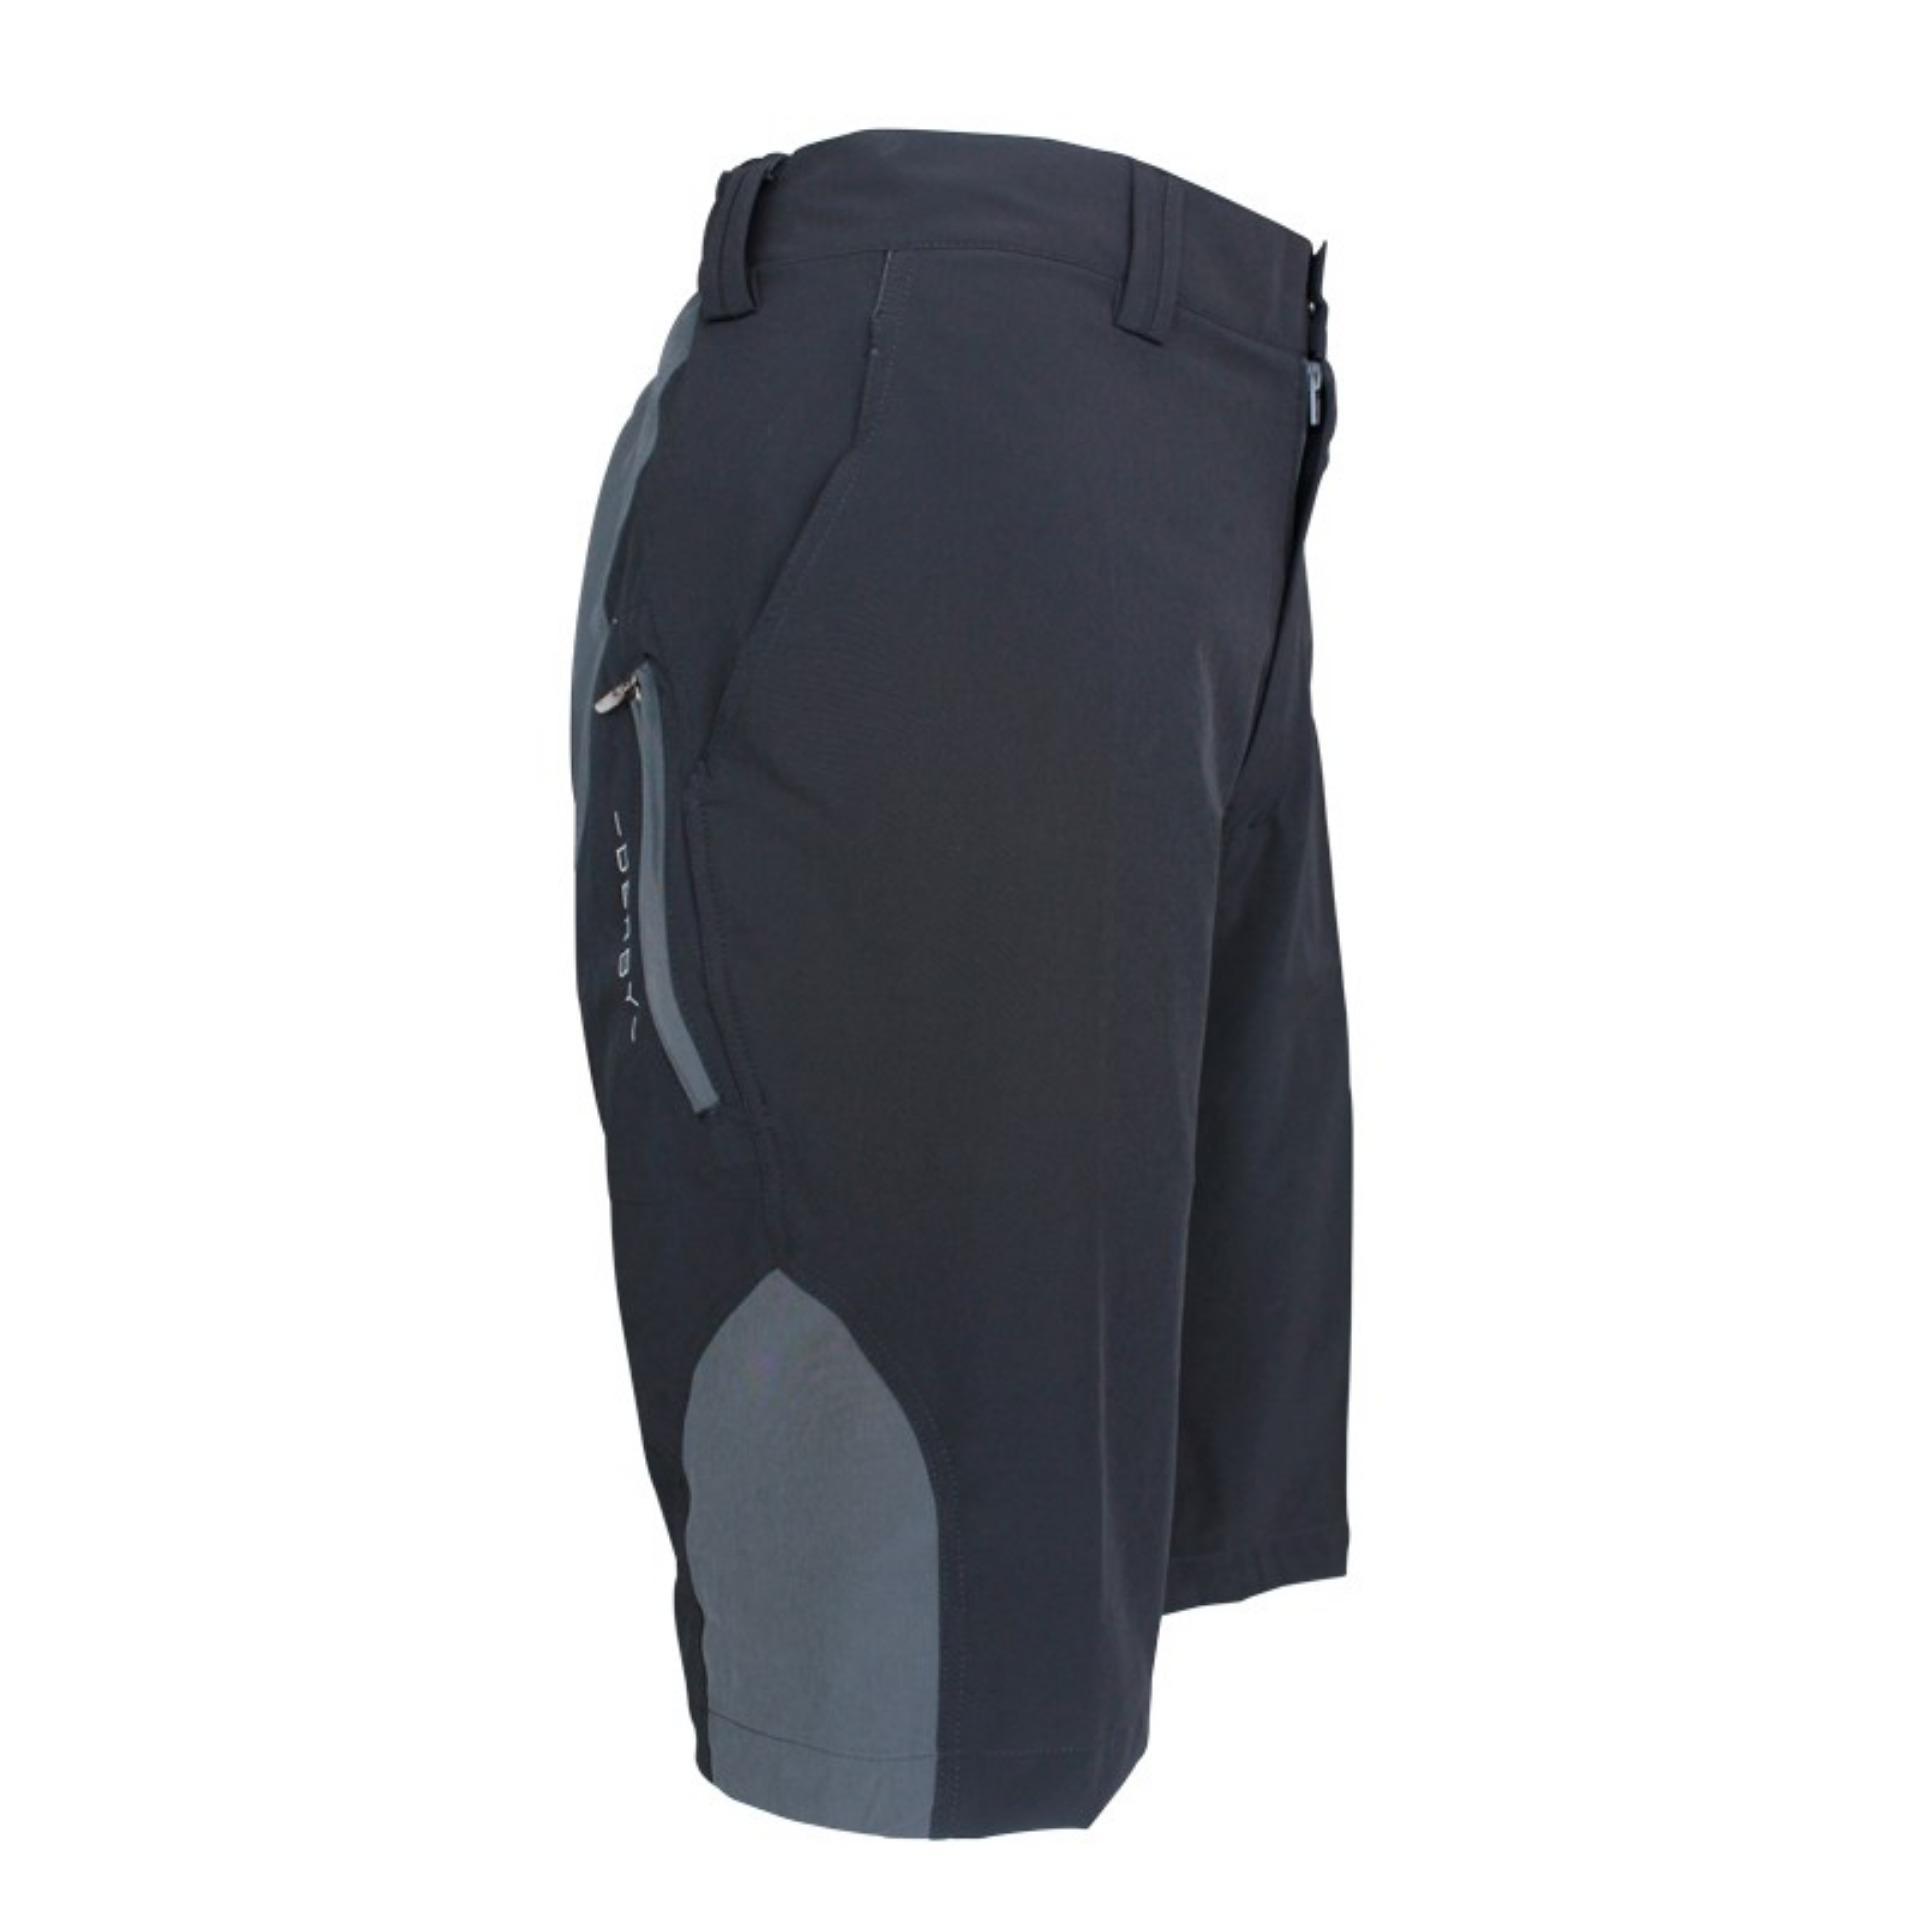 Consina Celana Pendek Derby - Daftar Harga Terbaru dan Terlengkap ... 682c055596